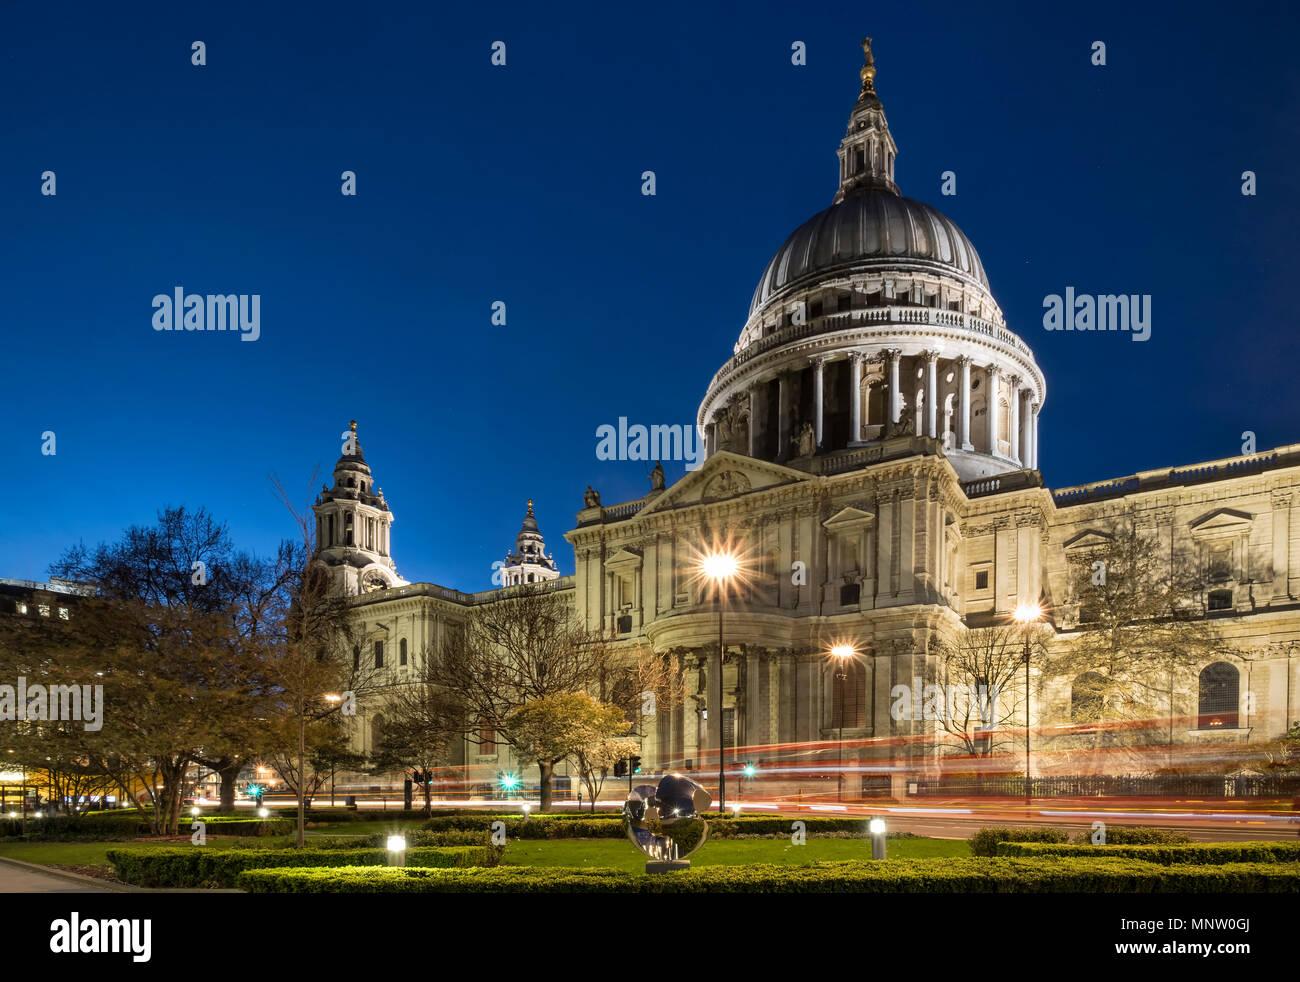 La Catedral de San Pablo en la noche, Londres, Inglaterra, Reino Unido. Imagen De Stock